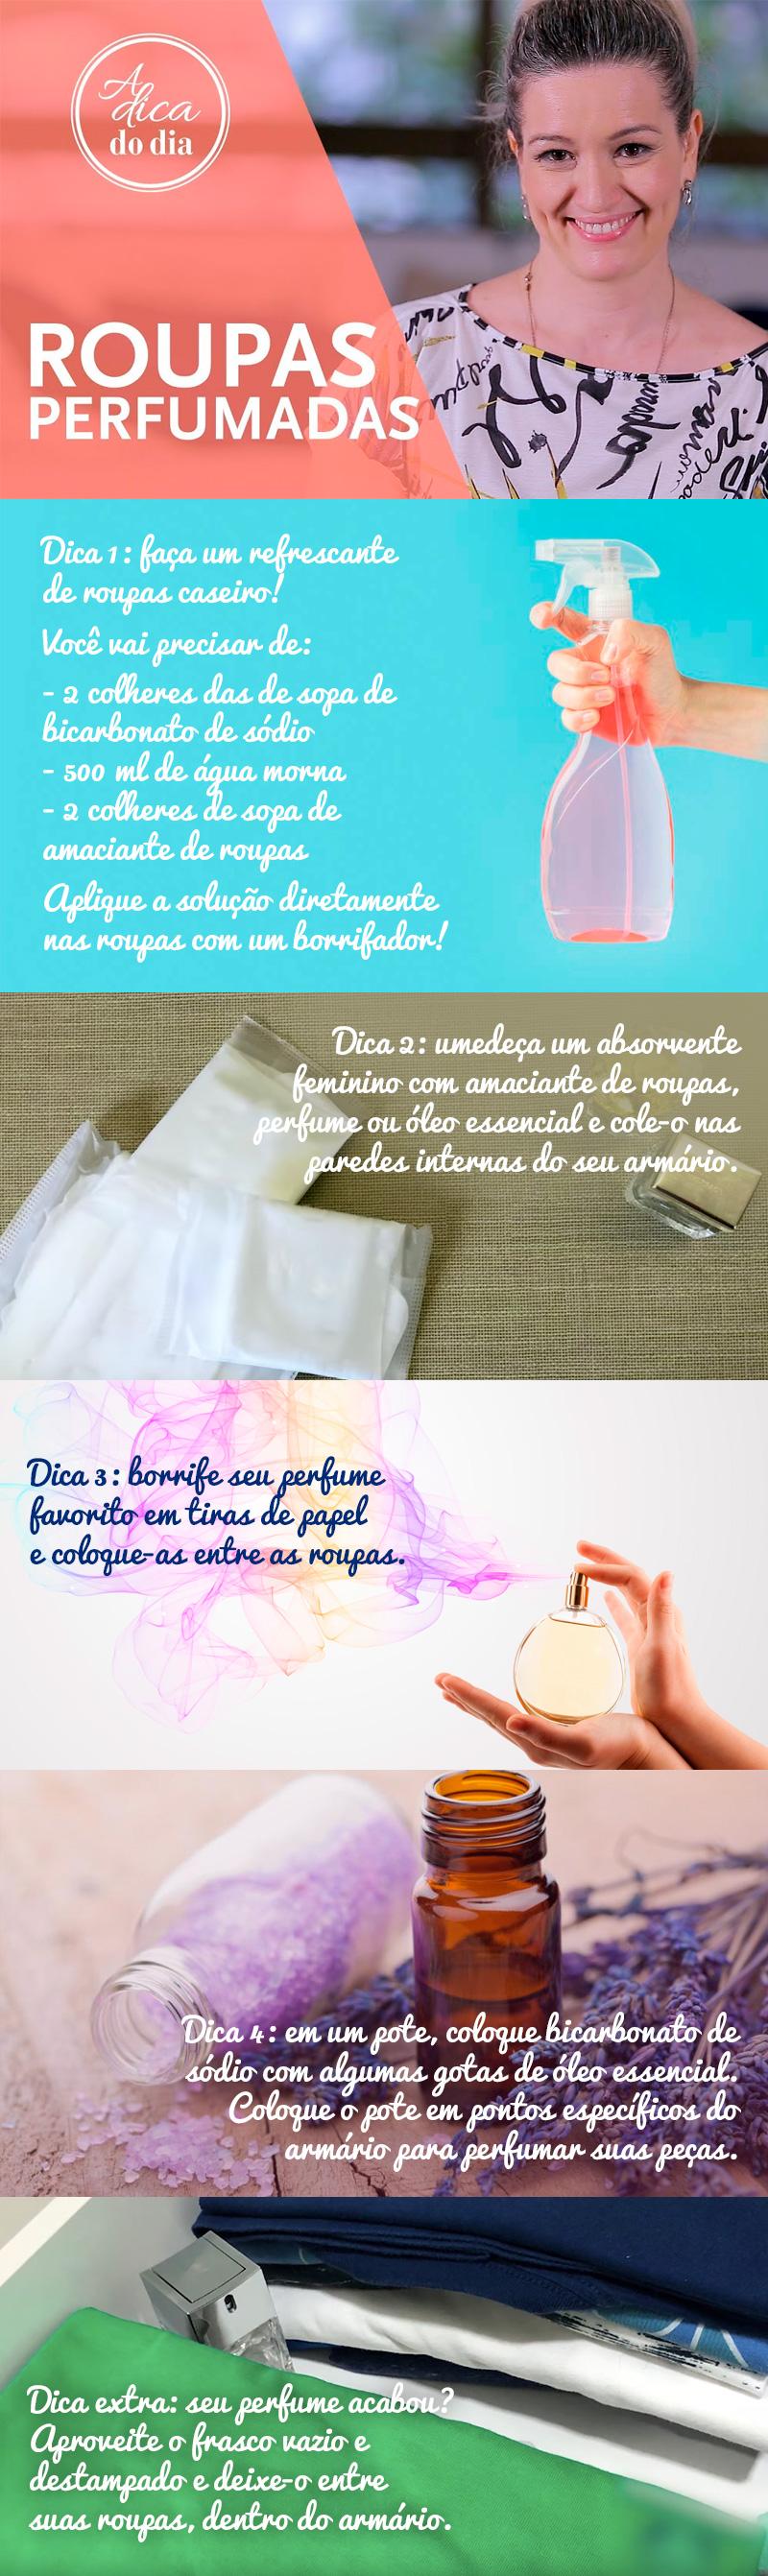 roupas perfumadas no armário